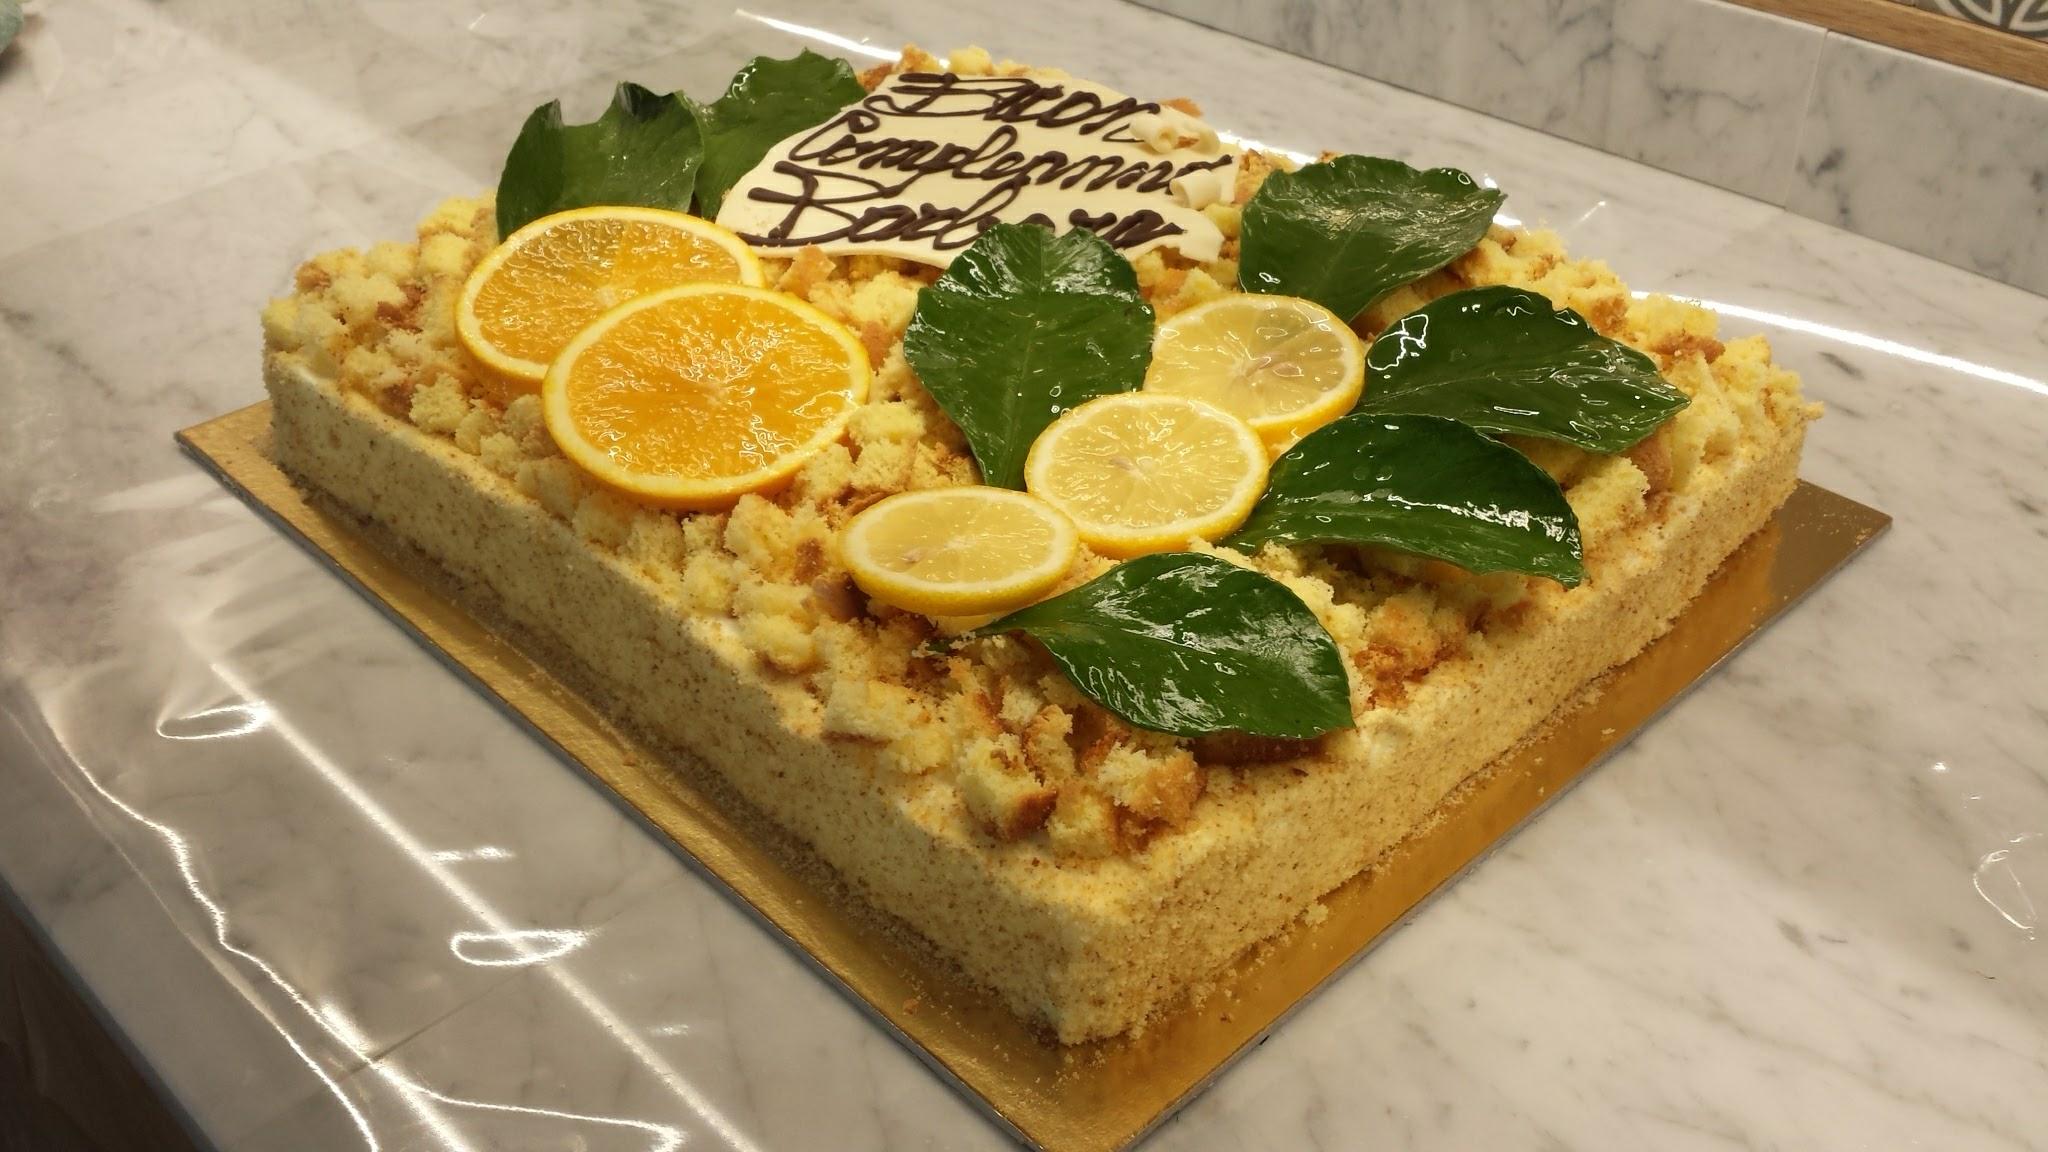 Pasticceria al limone, senza glutine a La Madia di Torino